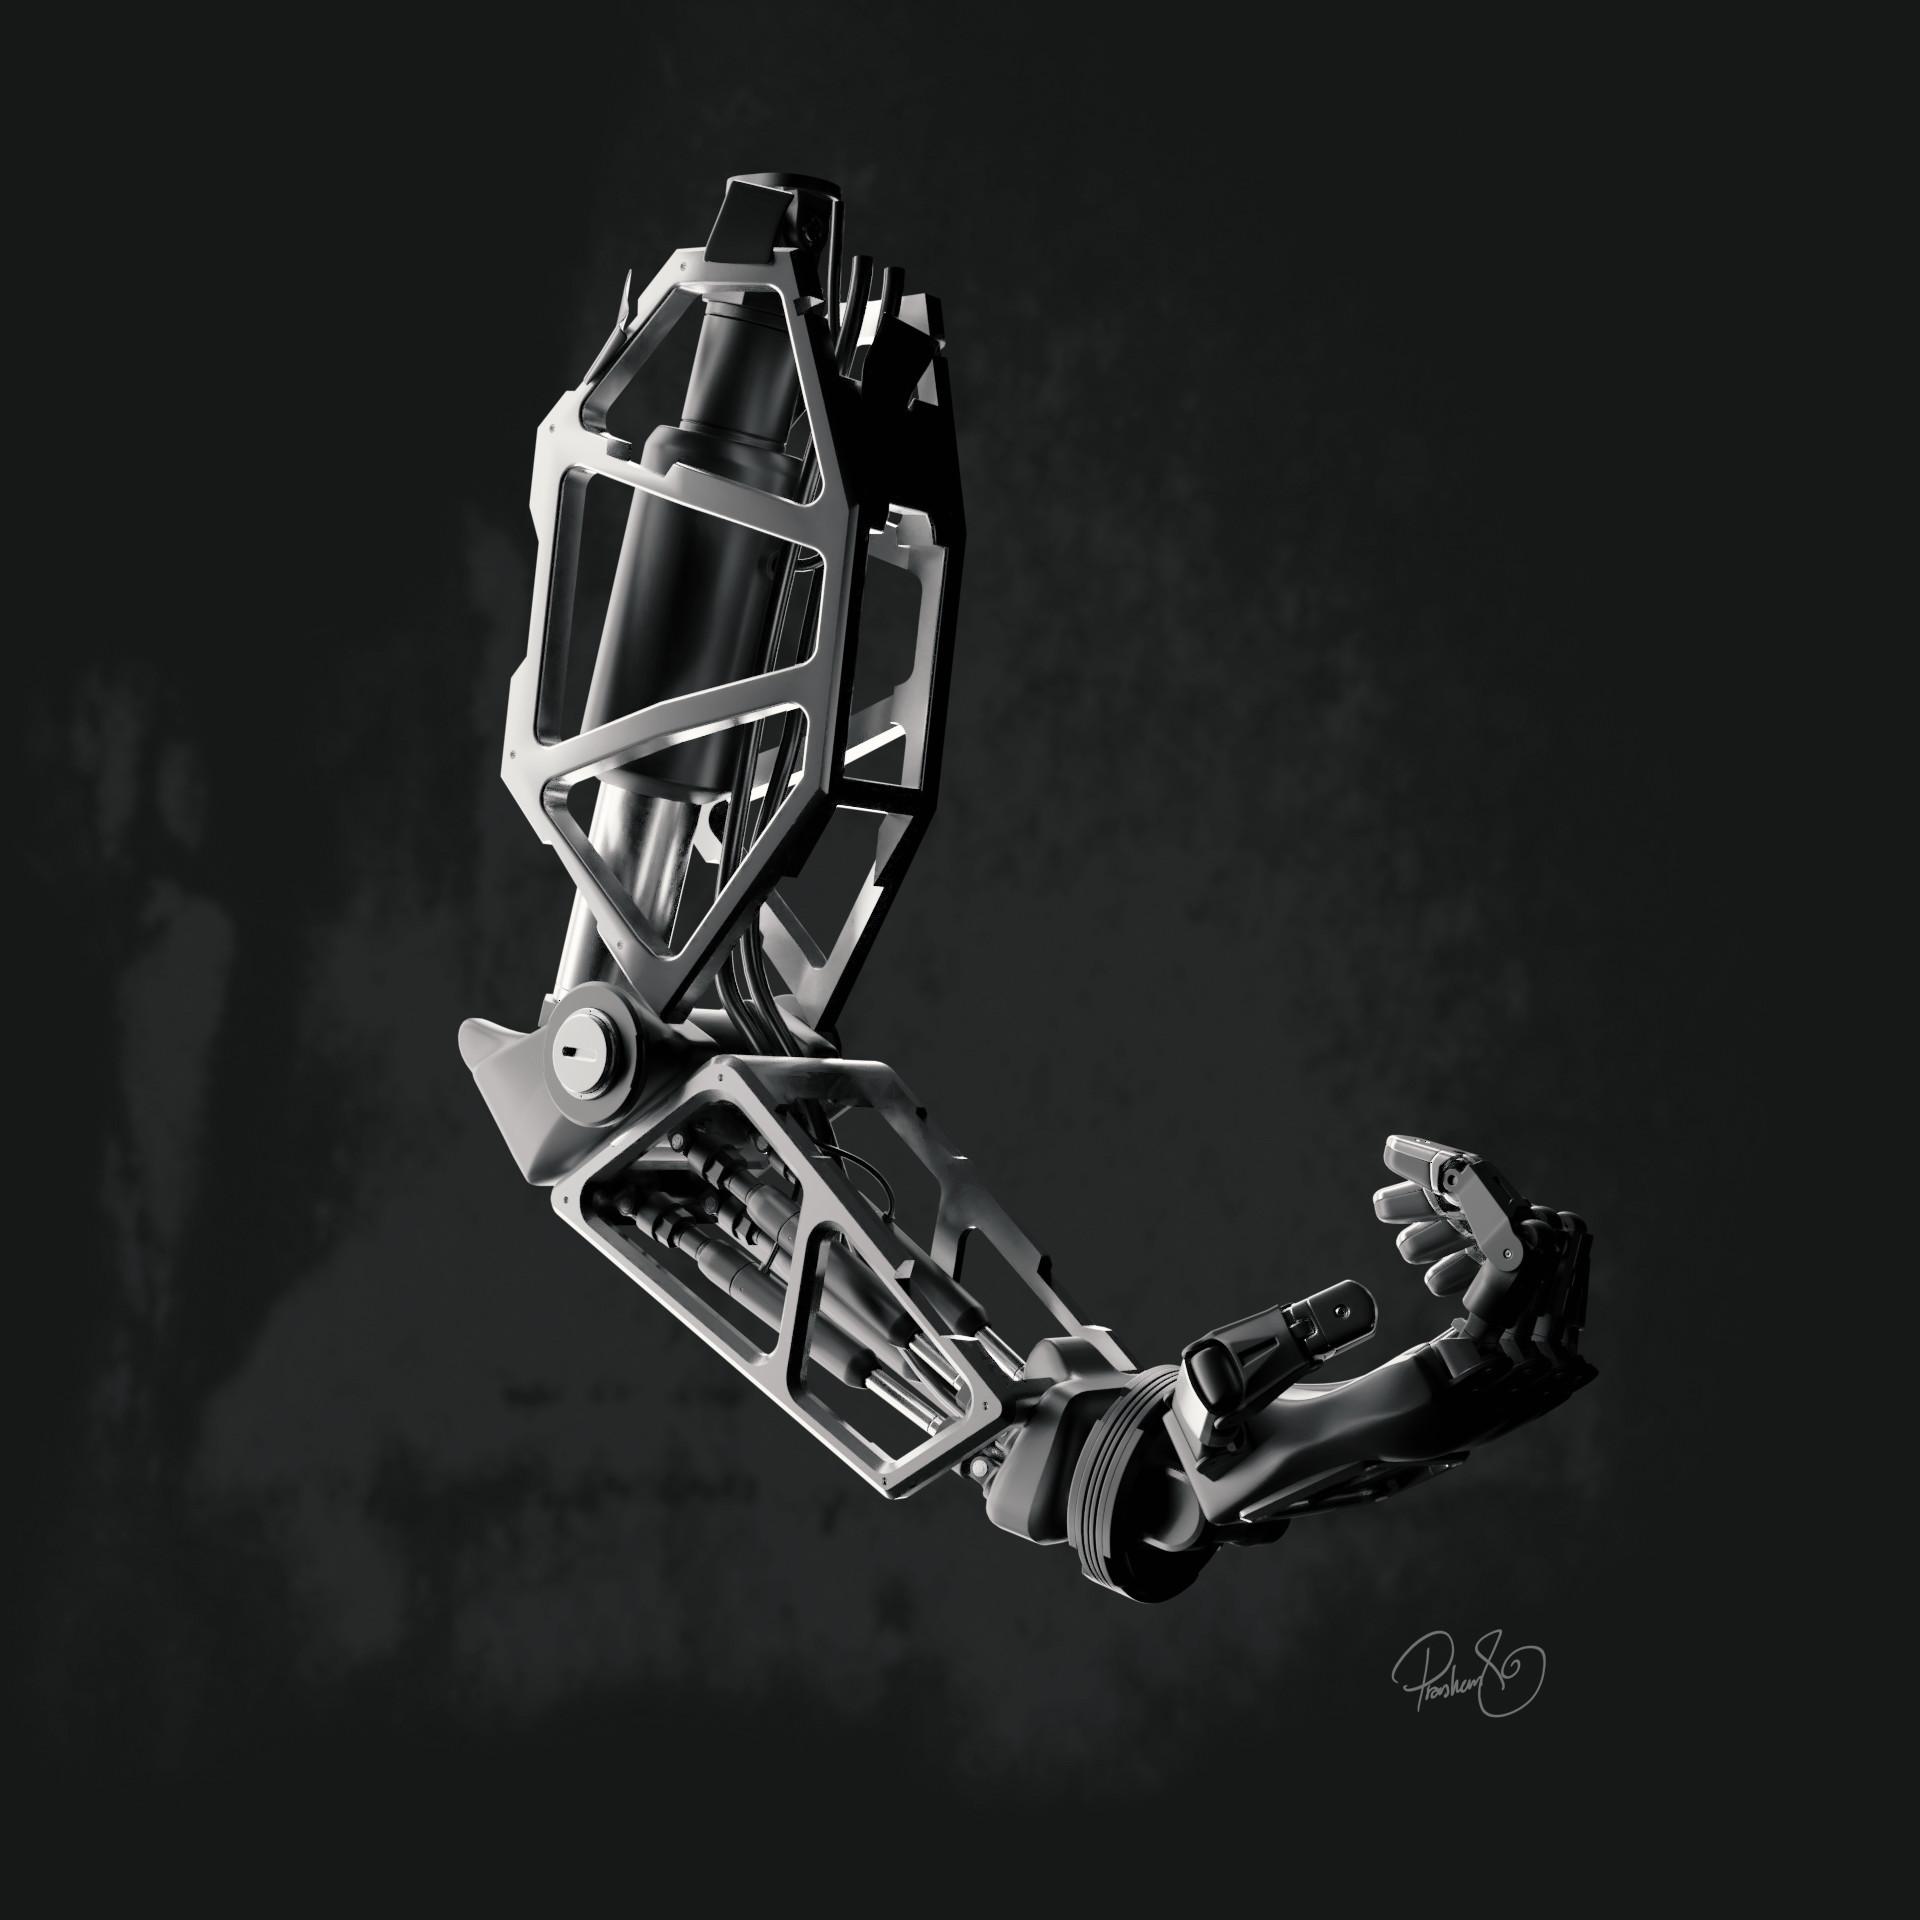 Prashan s cyborg 06